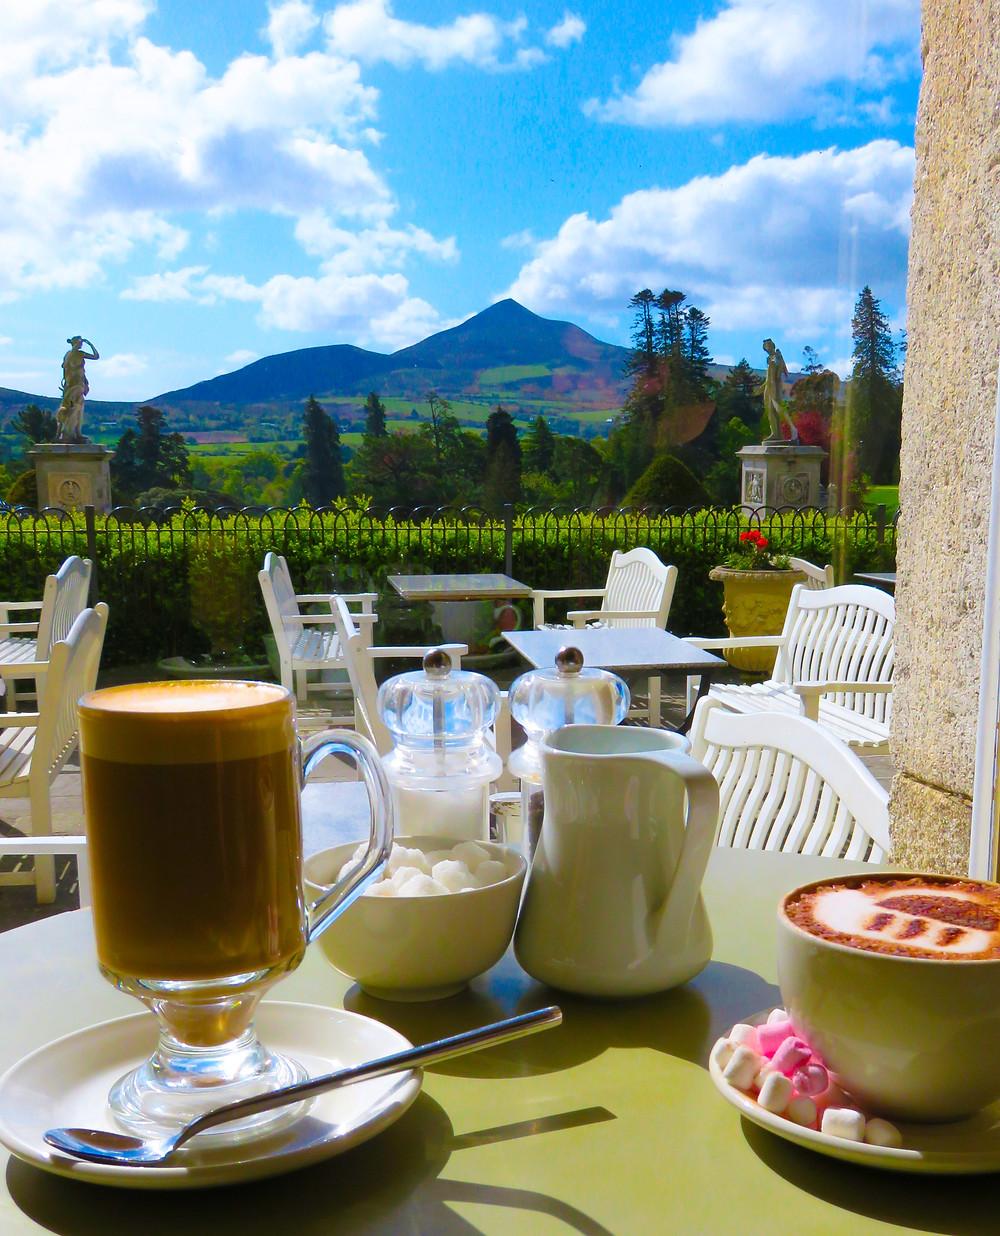 Cafe at Powerscourt Estate, Wicklow, Ireland